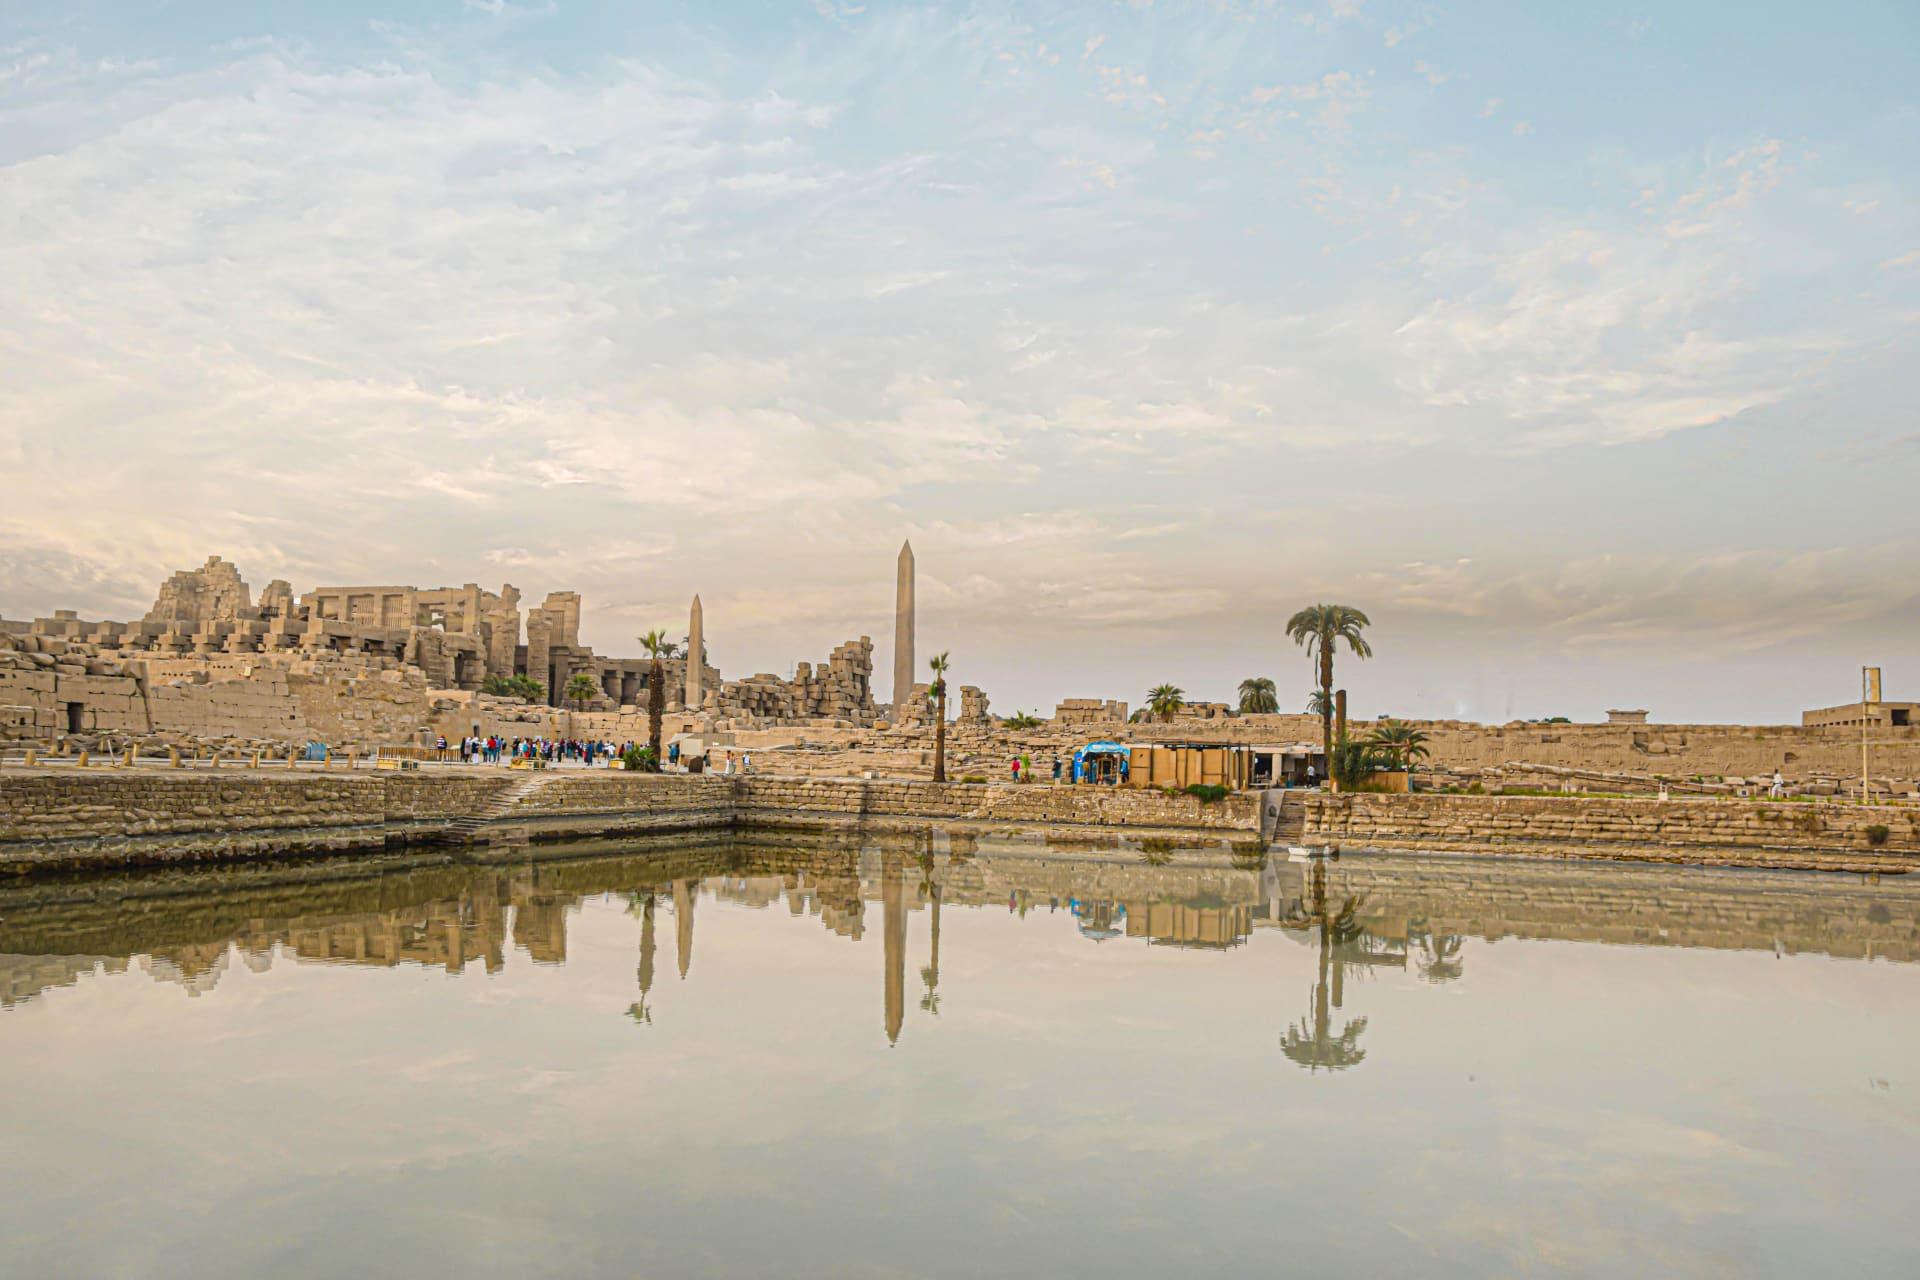 البحيرة المقدسة في معبد الكرنك بالأقصر